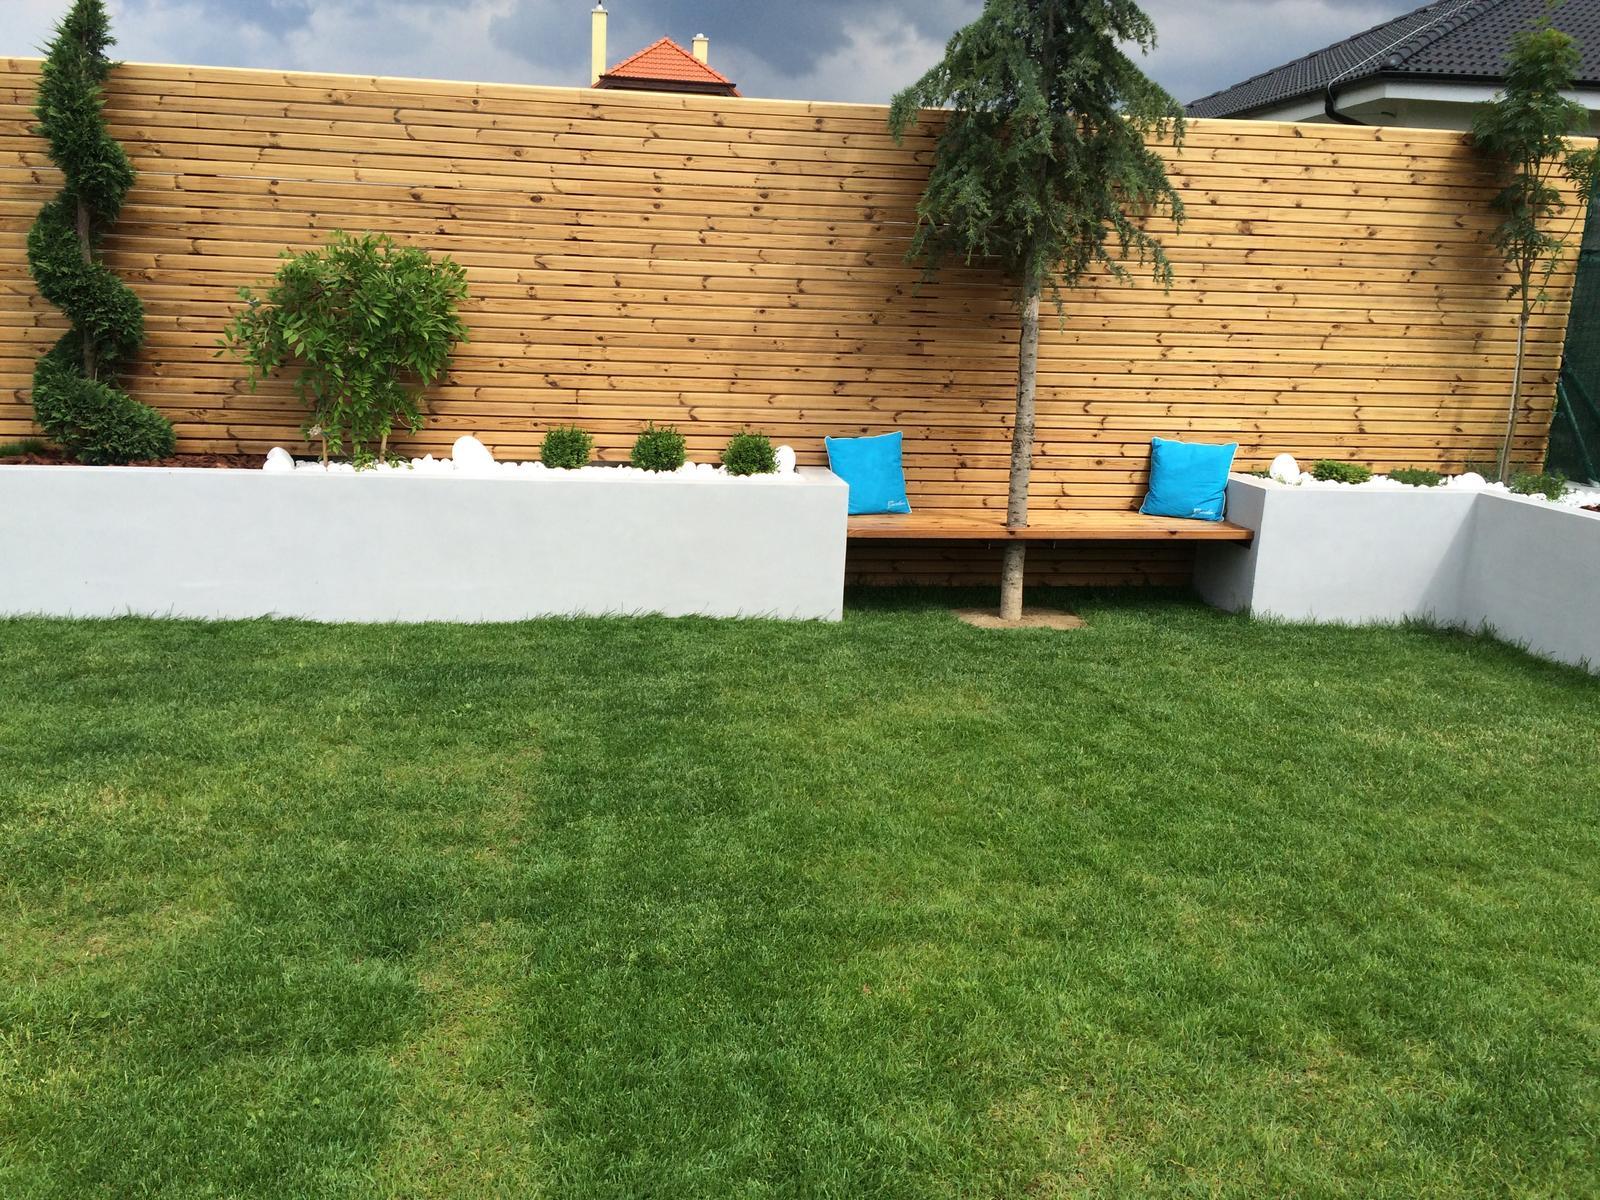 Zahradka - zatial este nedokoncena lavicka - bez predneho cela.